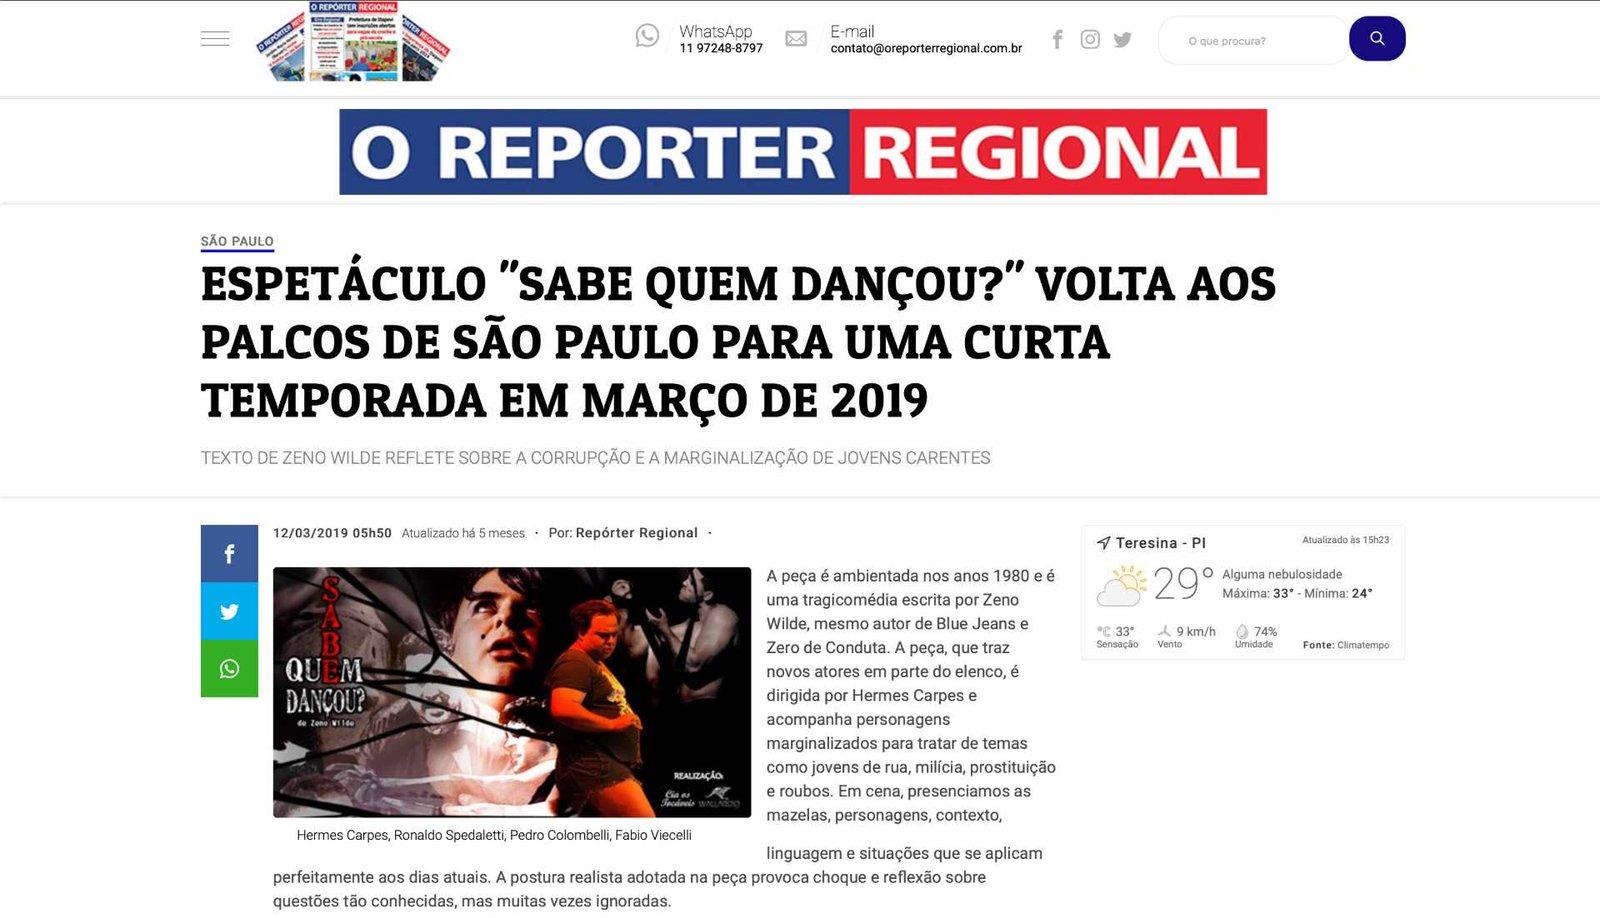 Sabe Quem Dançou - O Reporter Regional - Parte 1